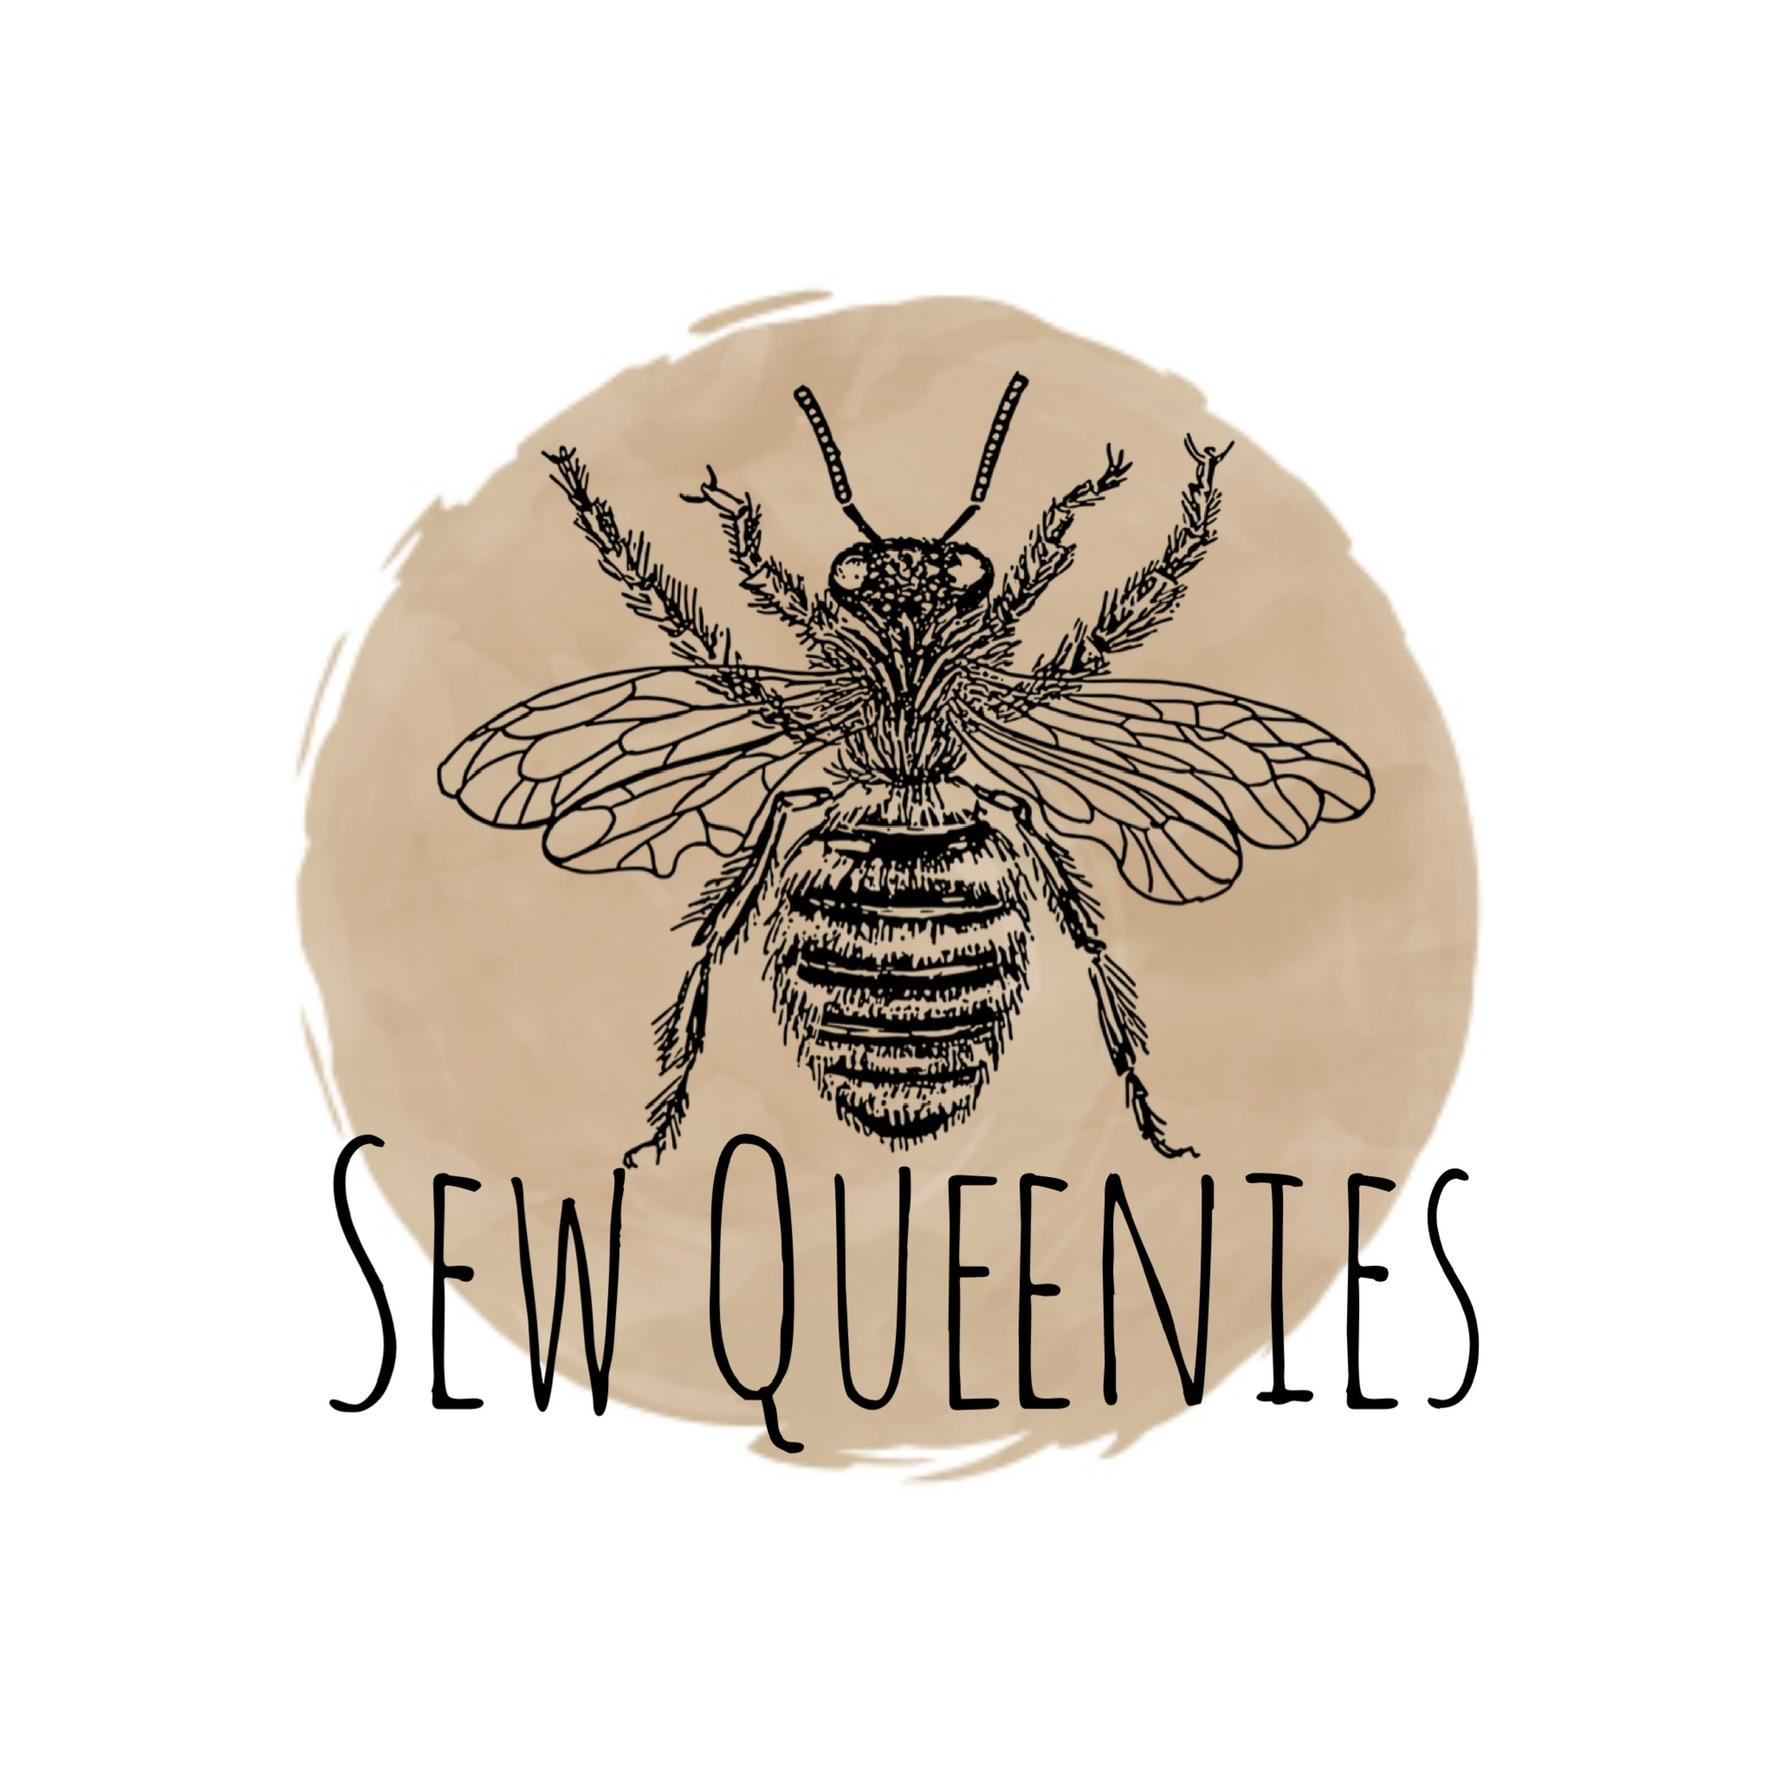 Sew Queenies 's logo